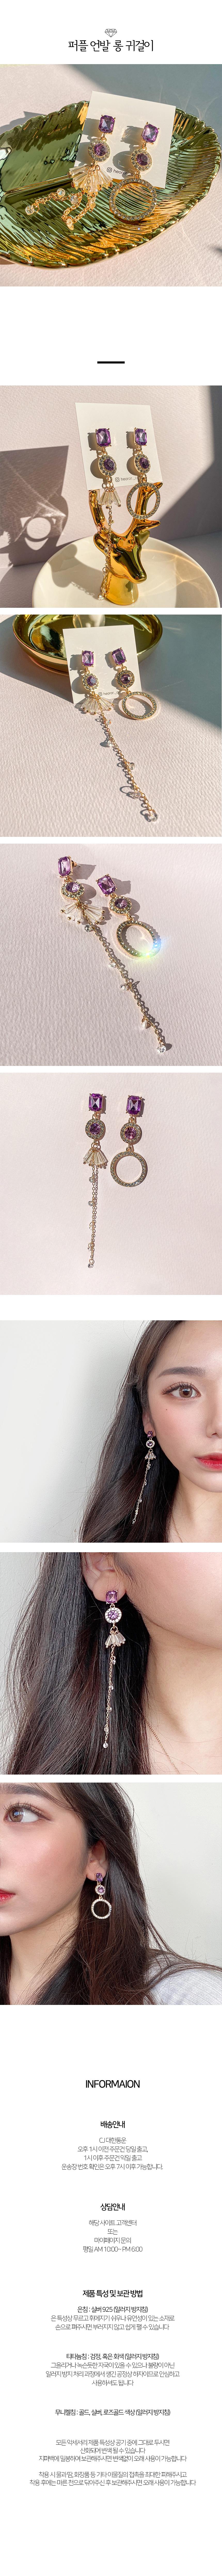 쥬얼 퍼플 언발 롱 귀걸이 - 청년리빙, 5,900원, 골드, 드롭귀걸이